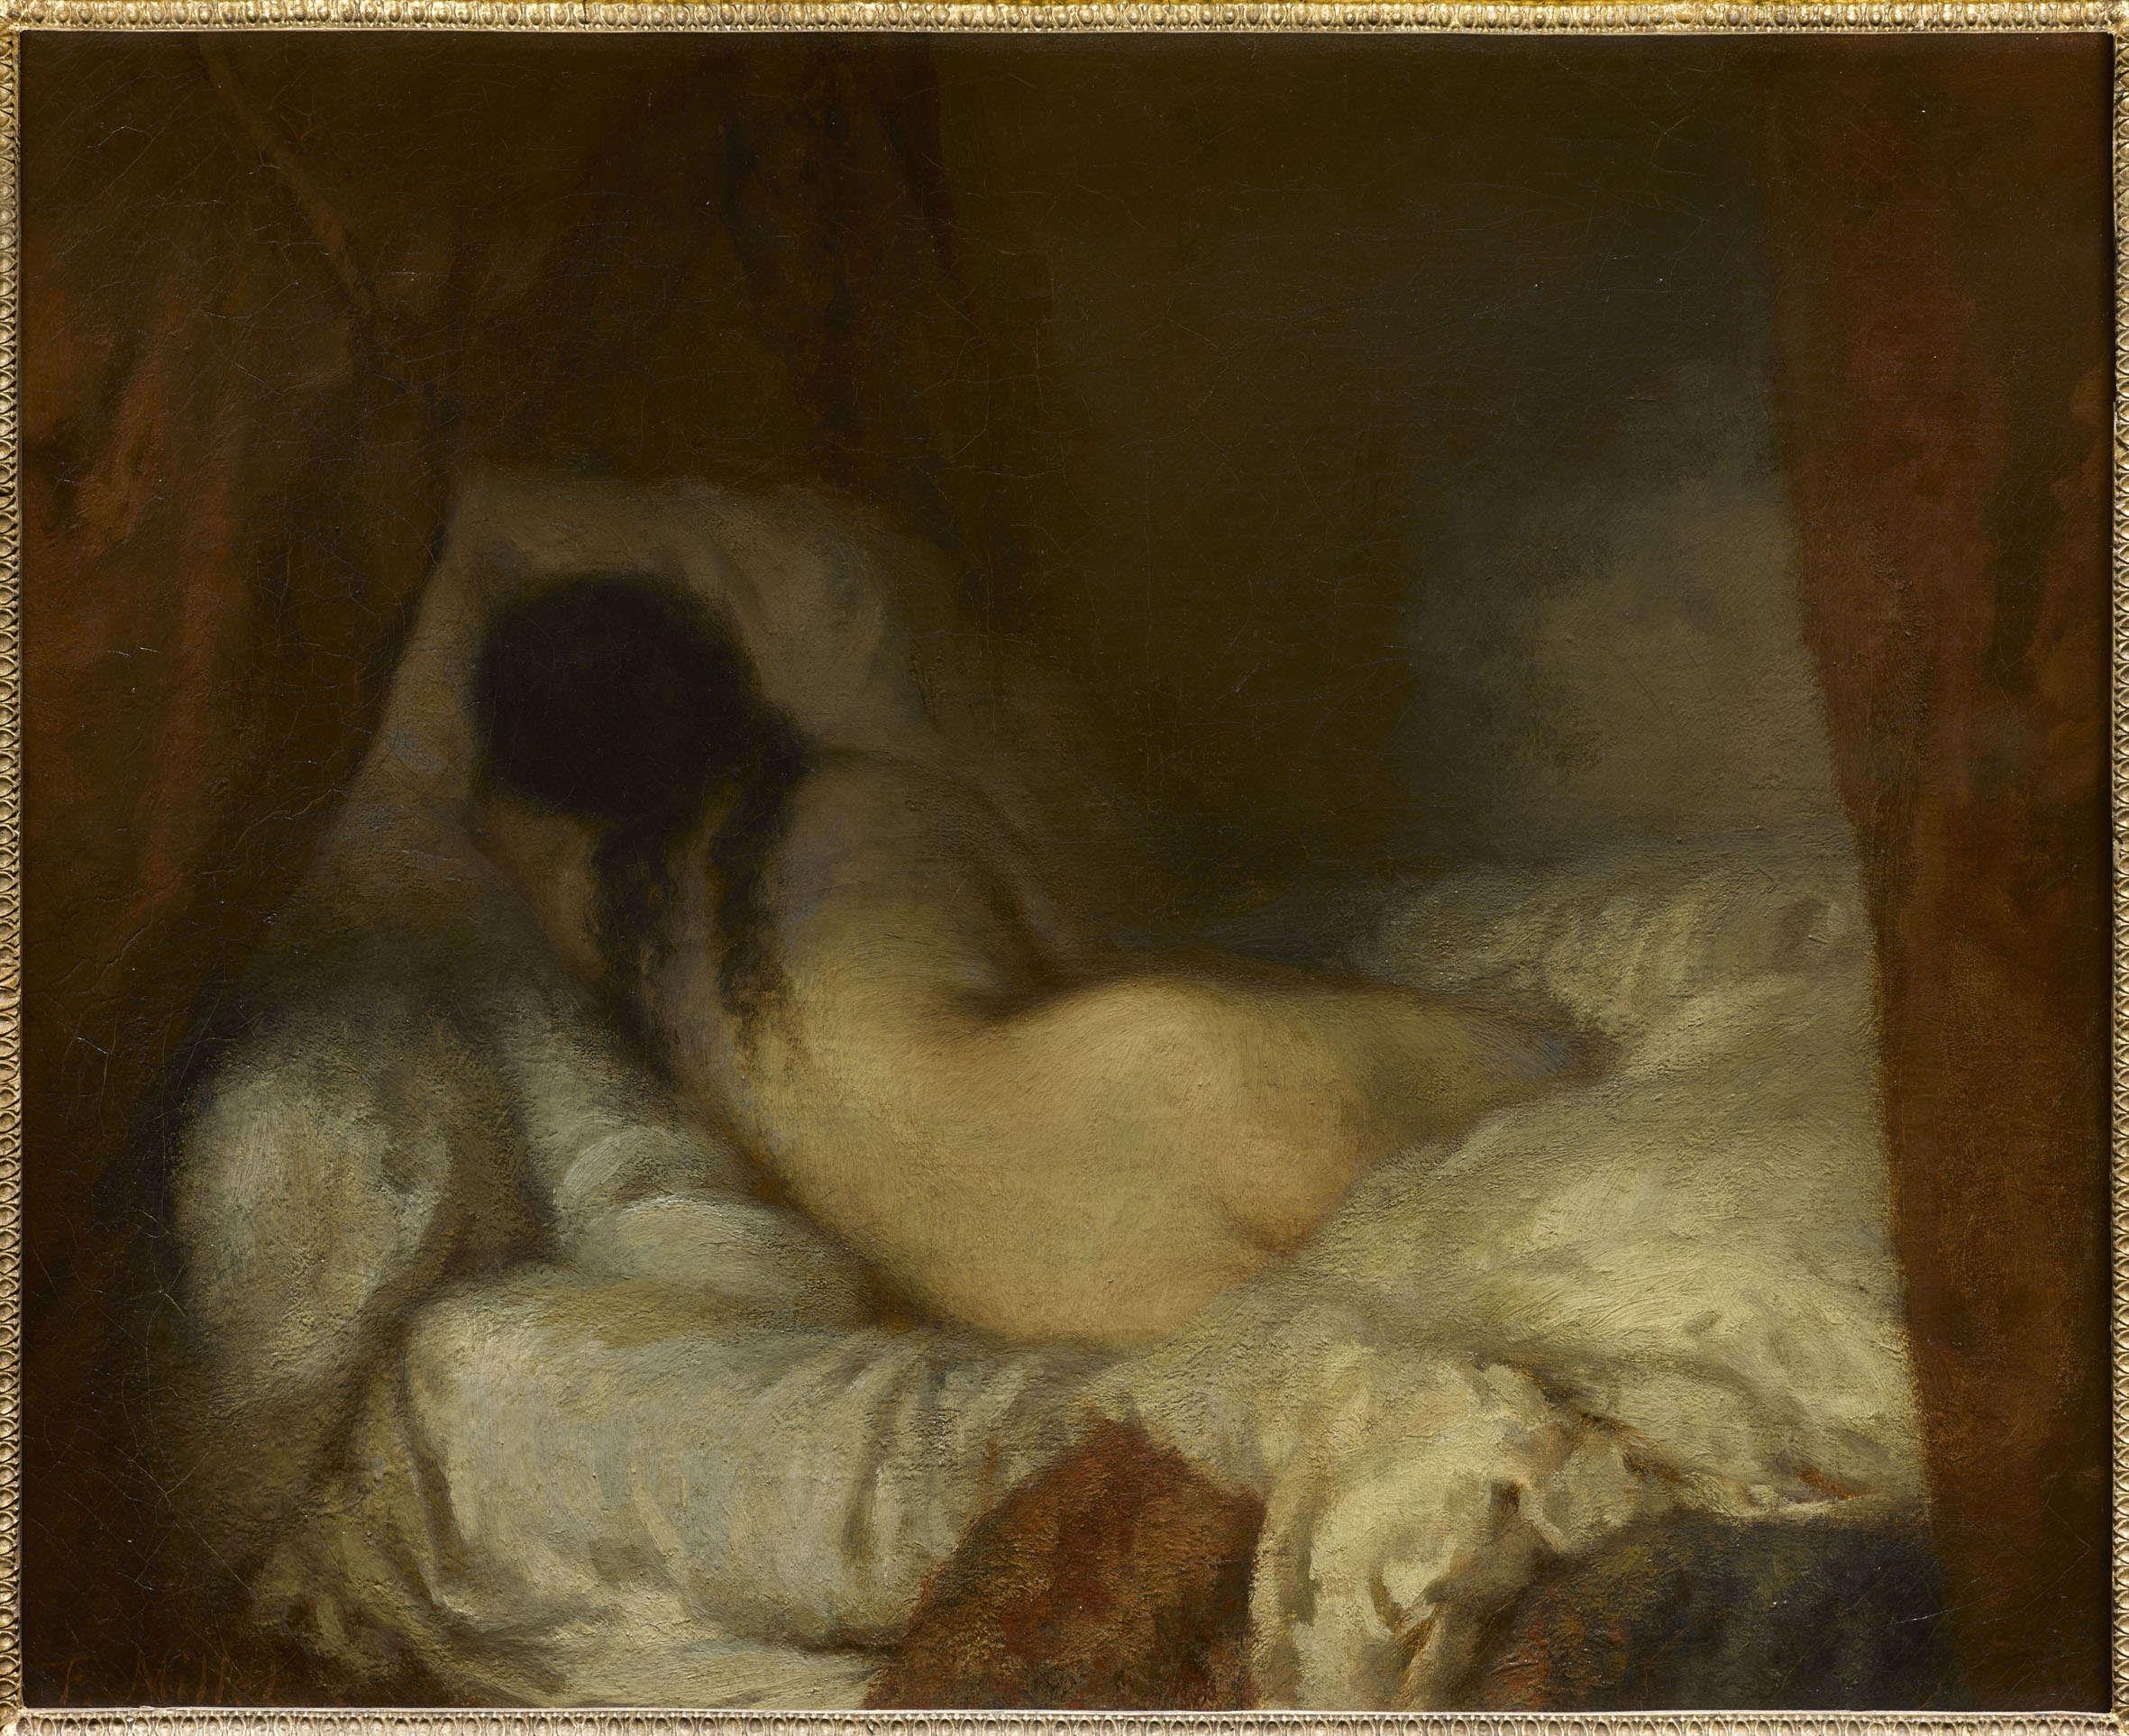 «Une jeune femme nue, les cheveux épars, repose sous une alcôve, sur un lit aux draps froissés. Sans doute dort-elle ; peut-être s'agit-il de Catherine Lemaire, le nouvel amour de Millet ; le sujet est simple, voire inexistant. Tout ici n'est que peinture, ombres et lumière, tendresse et sensualité. Un tableau peint à la manière du XVIIIe siècle, en un moment où Millet cherche encore sa voie.»